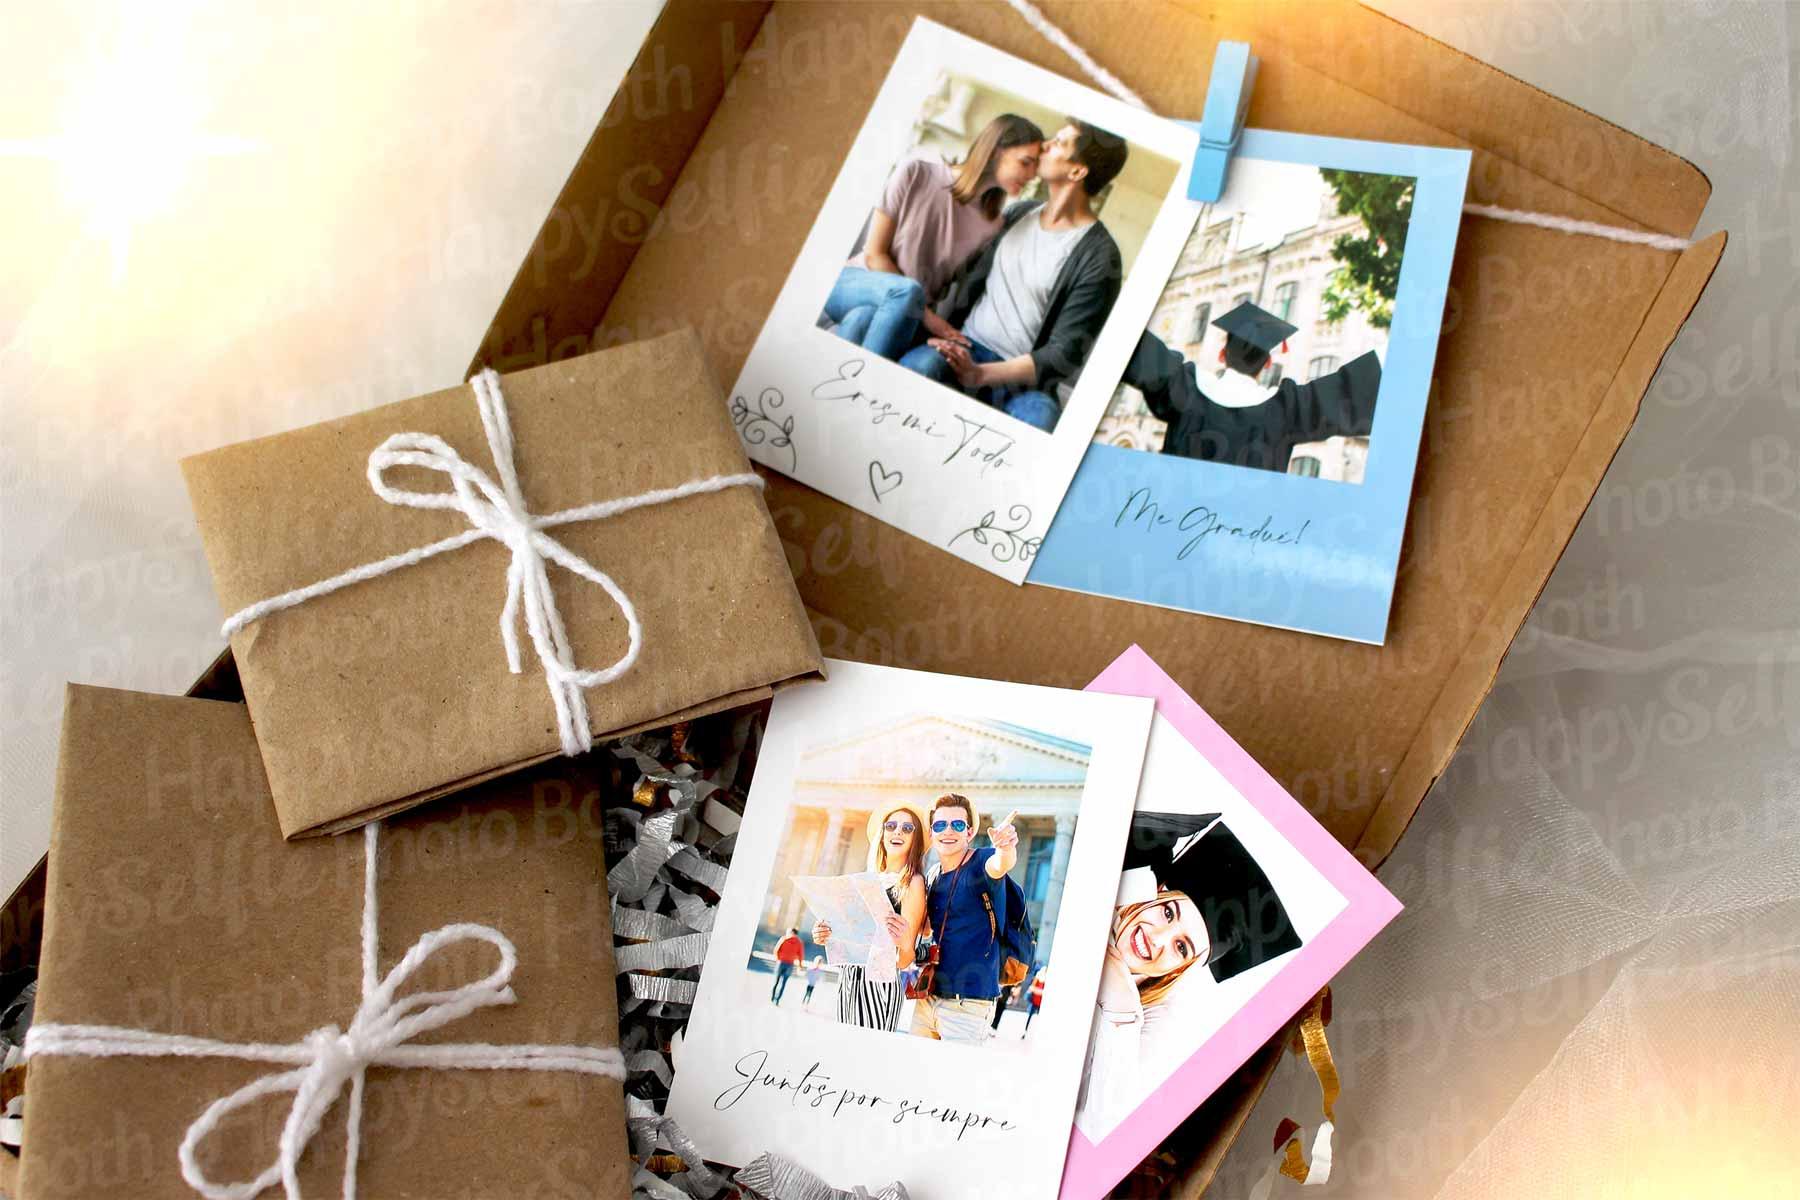 regalos quito ecuador fotos